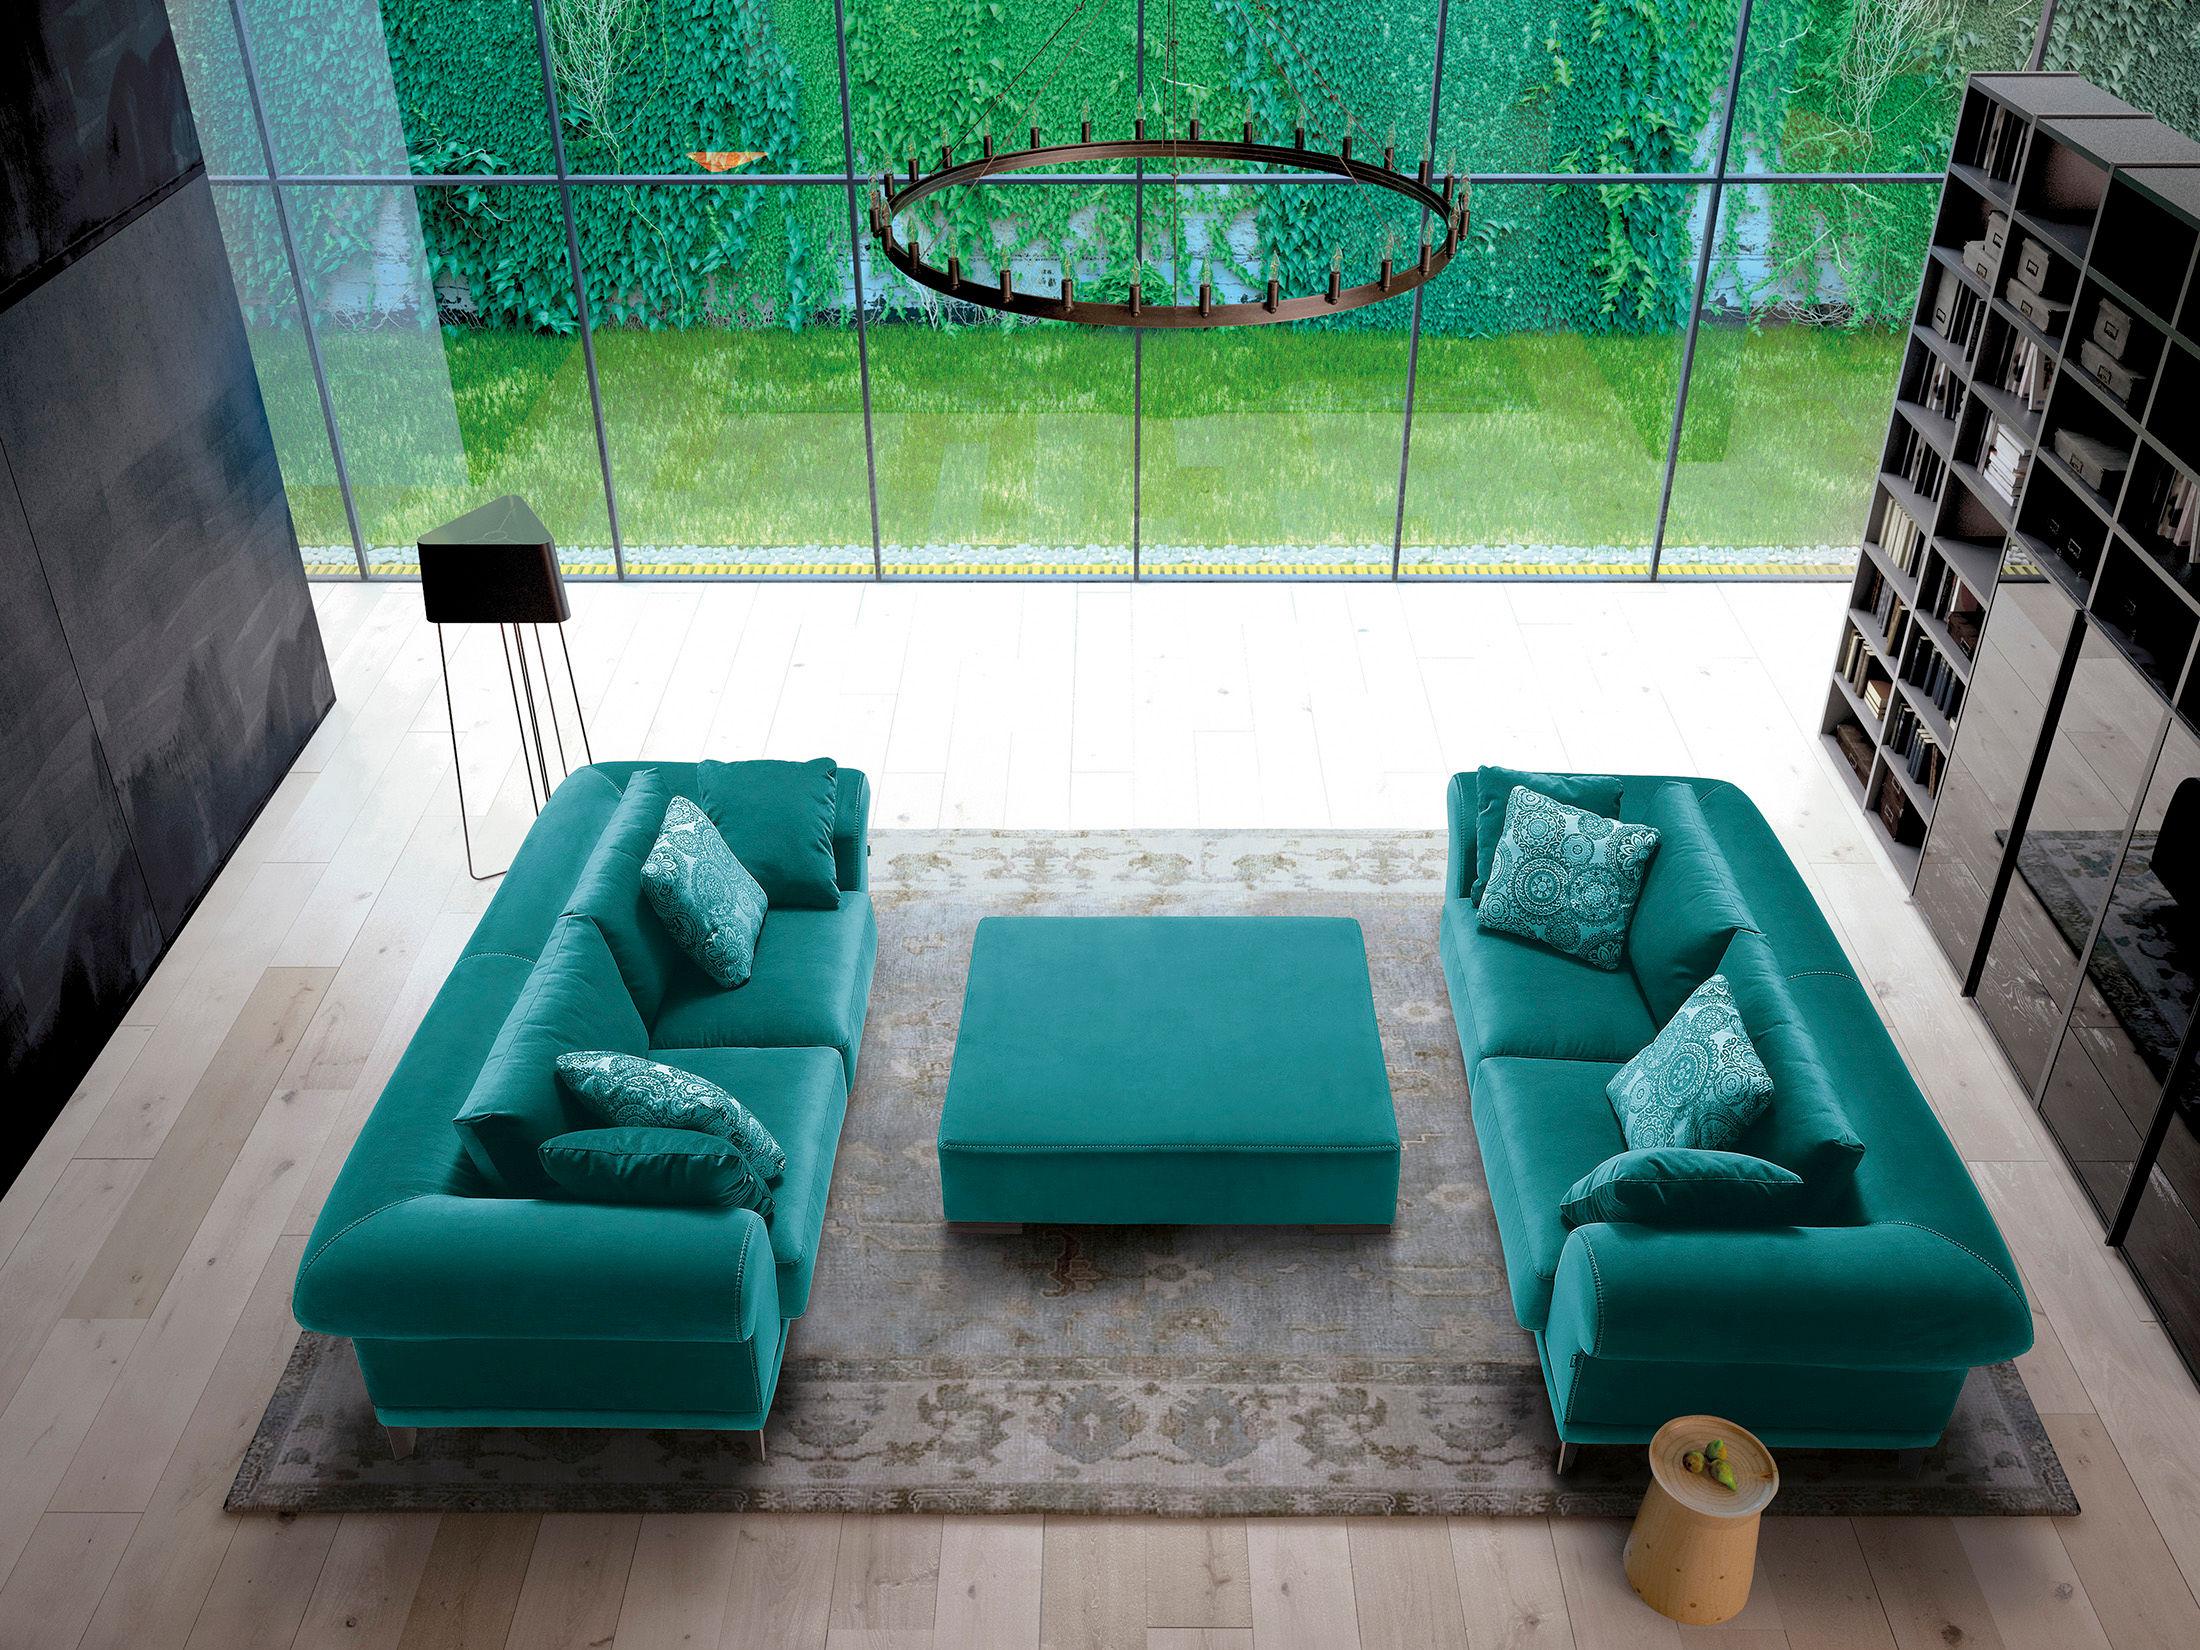 x-default architektur, wohnung, loft, wohnen, modern, design, wohnzimmer, sofa, couch, tisch, teppich, kissen, buch, bücher, parkett, holz, lampe, panorama, fenster, glas, grün, pflanzen, oase, apartment, kronleuchter, neu, luxus, licht, zimmer, interior, atmosphäre, efeu, kletterpflanzen, schrank, regal, außergewöhnlich